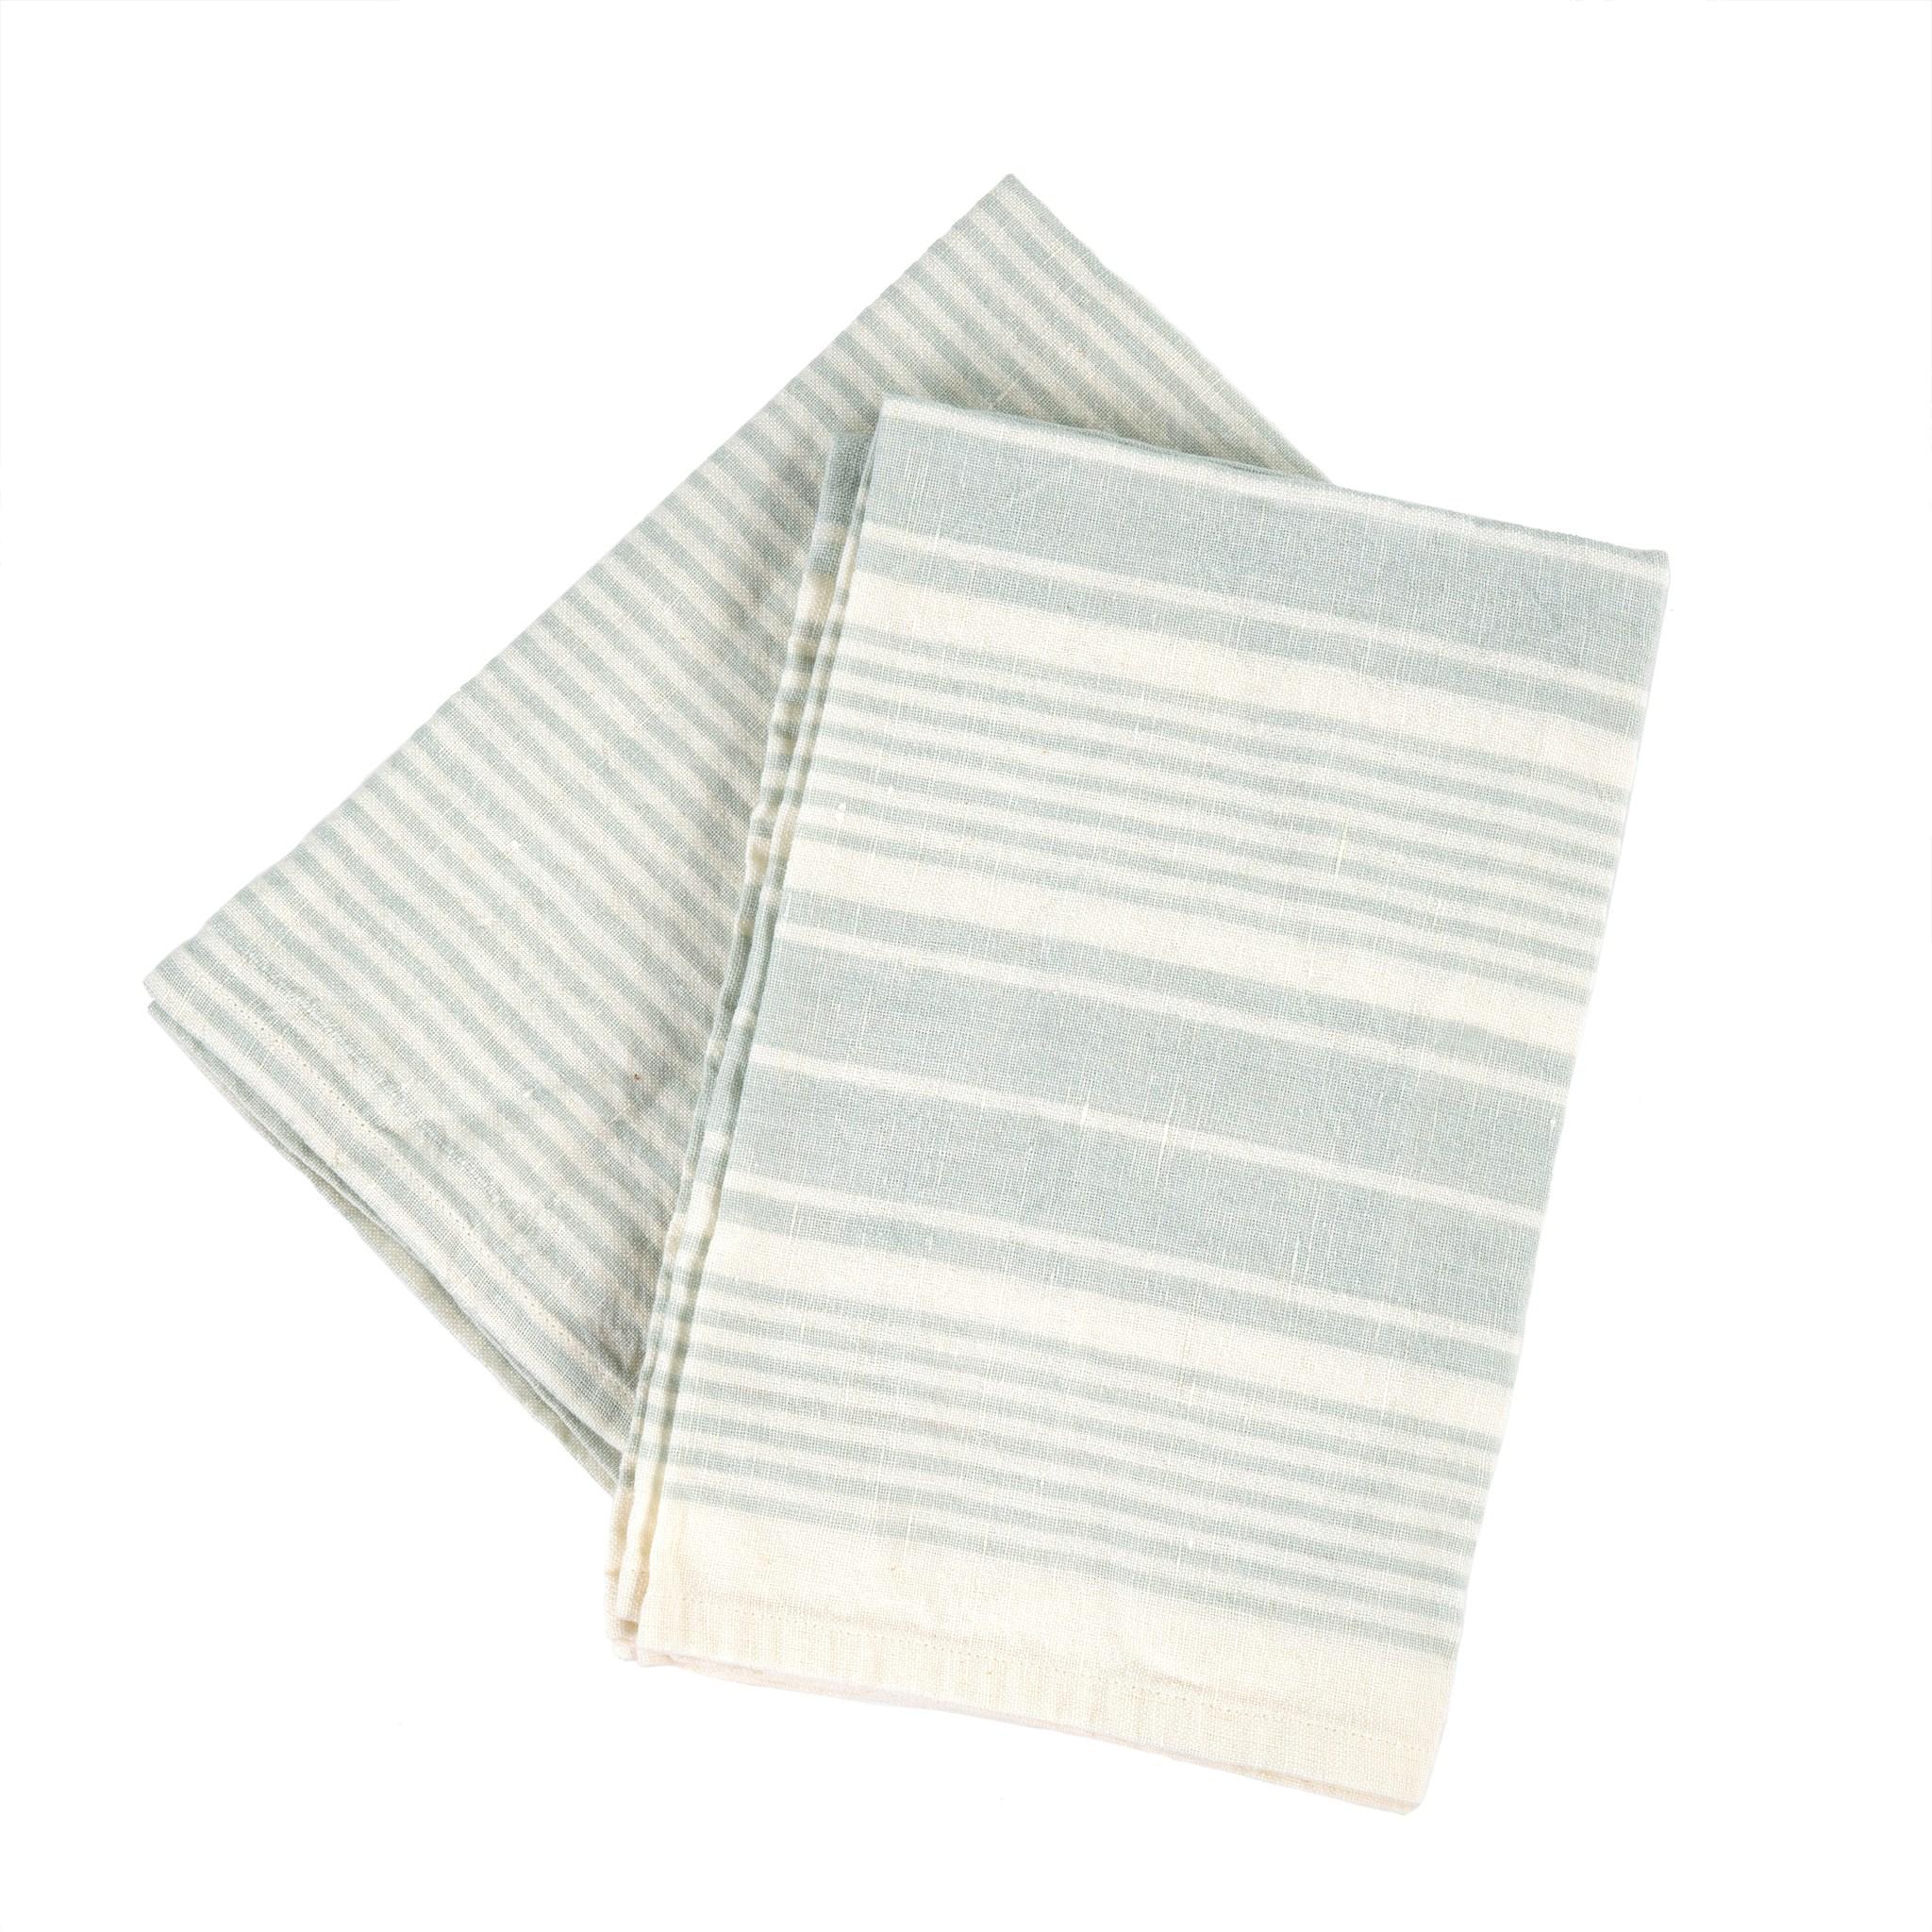 French Linen Tea Towels Aqua  (set of 2)